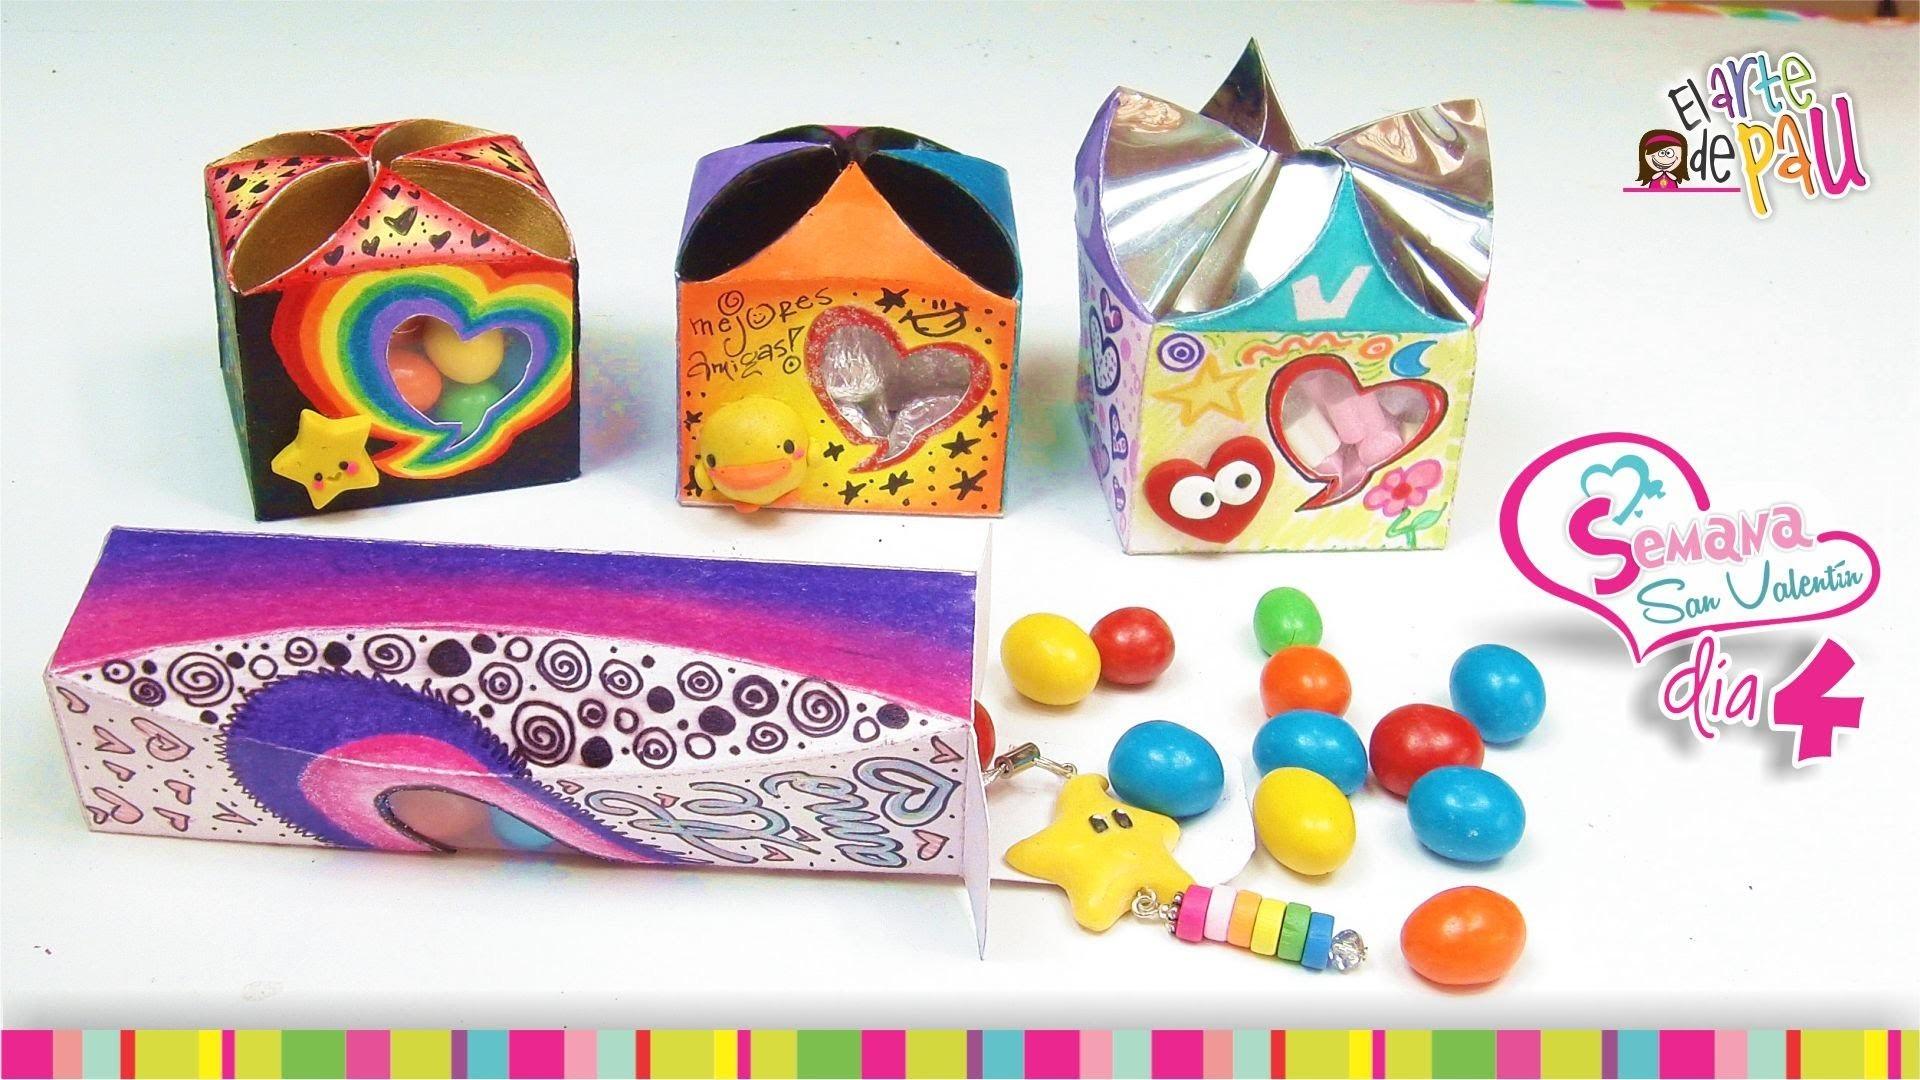 (Day 4) DIY Personalized Valentine's Day gift box. (Día 4) Cajitas de regalo para San Valentín